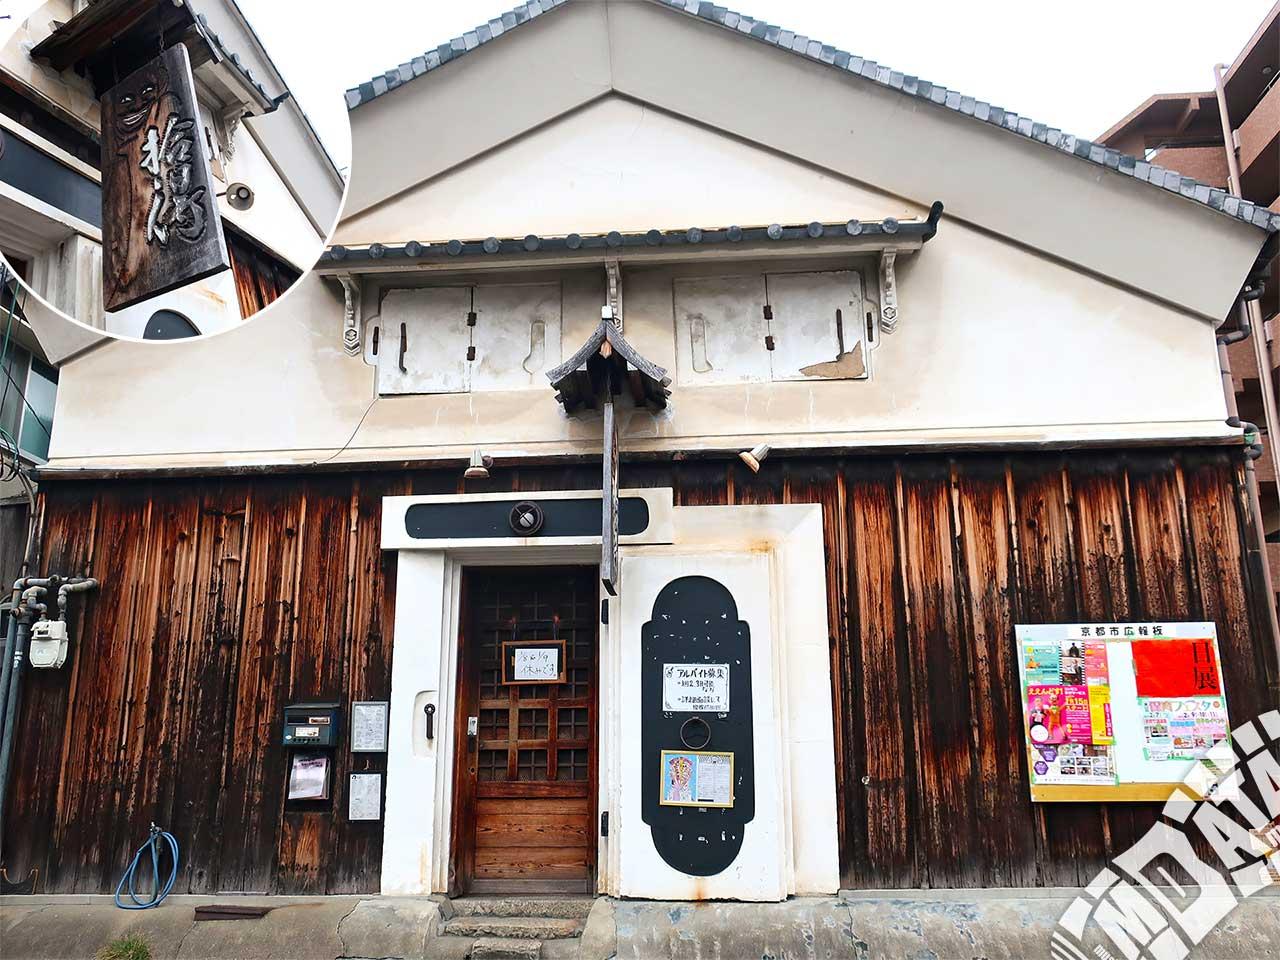 京都 拾得の写真 撮影日:2019/1/24 Photo taken on 2019/01/24